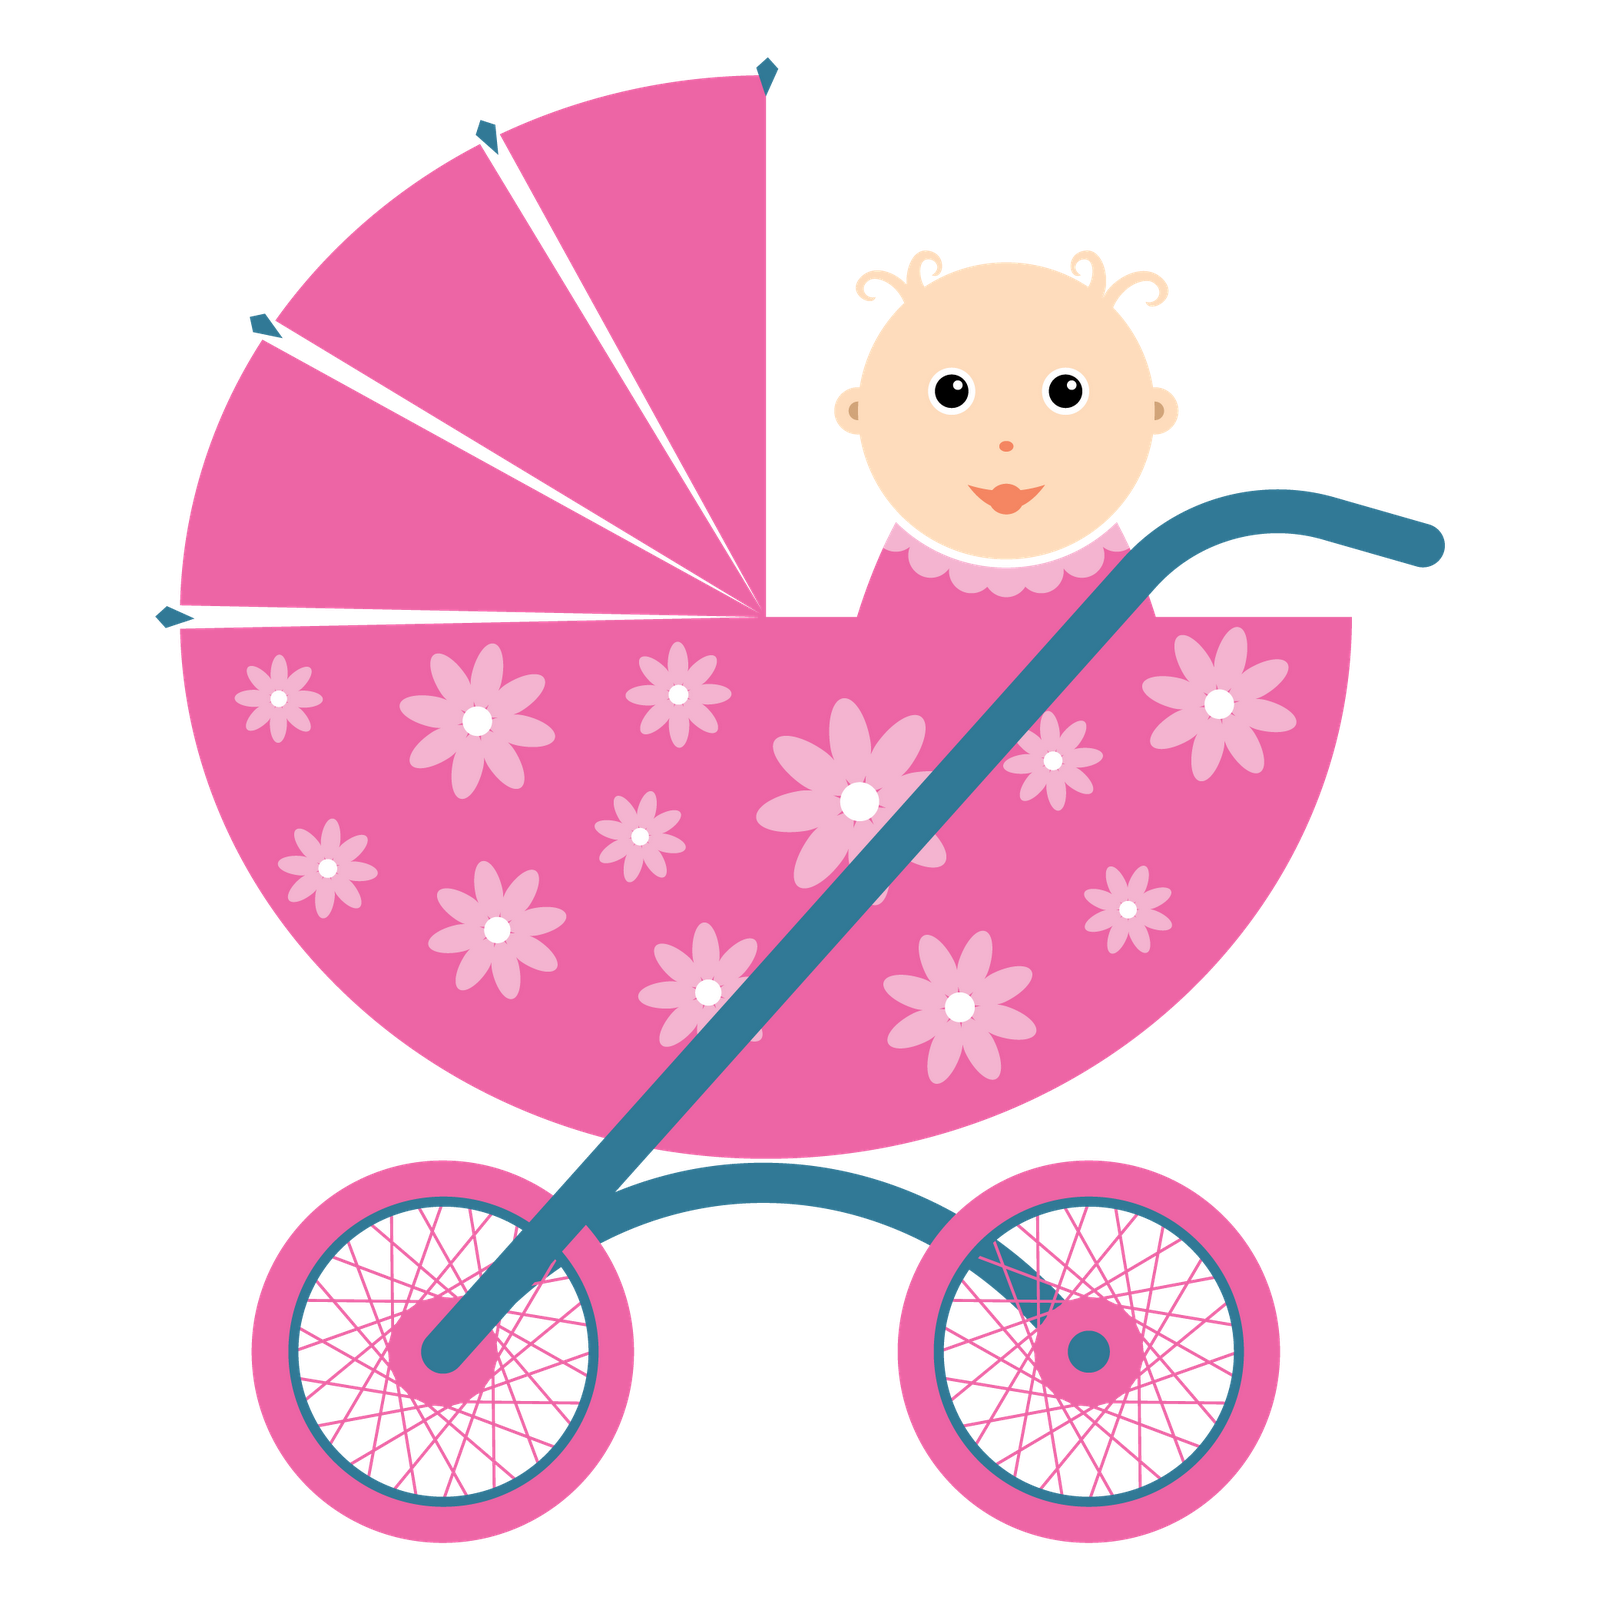 Para baby shower png buscar con google imprimir - Imagenes de manualidades ...